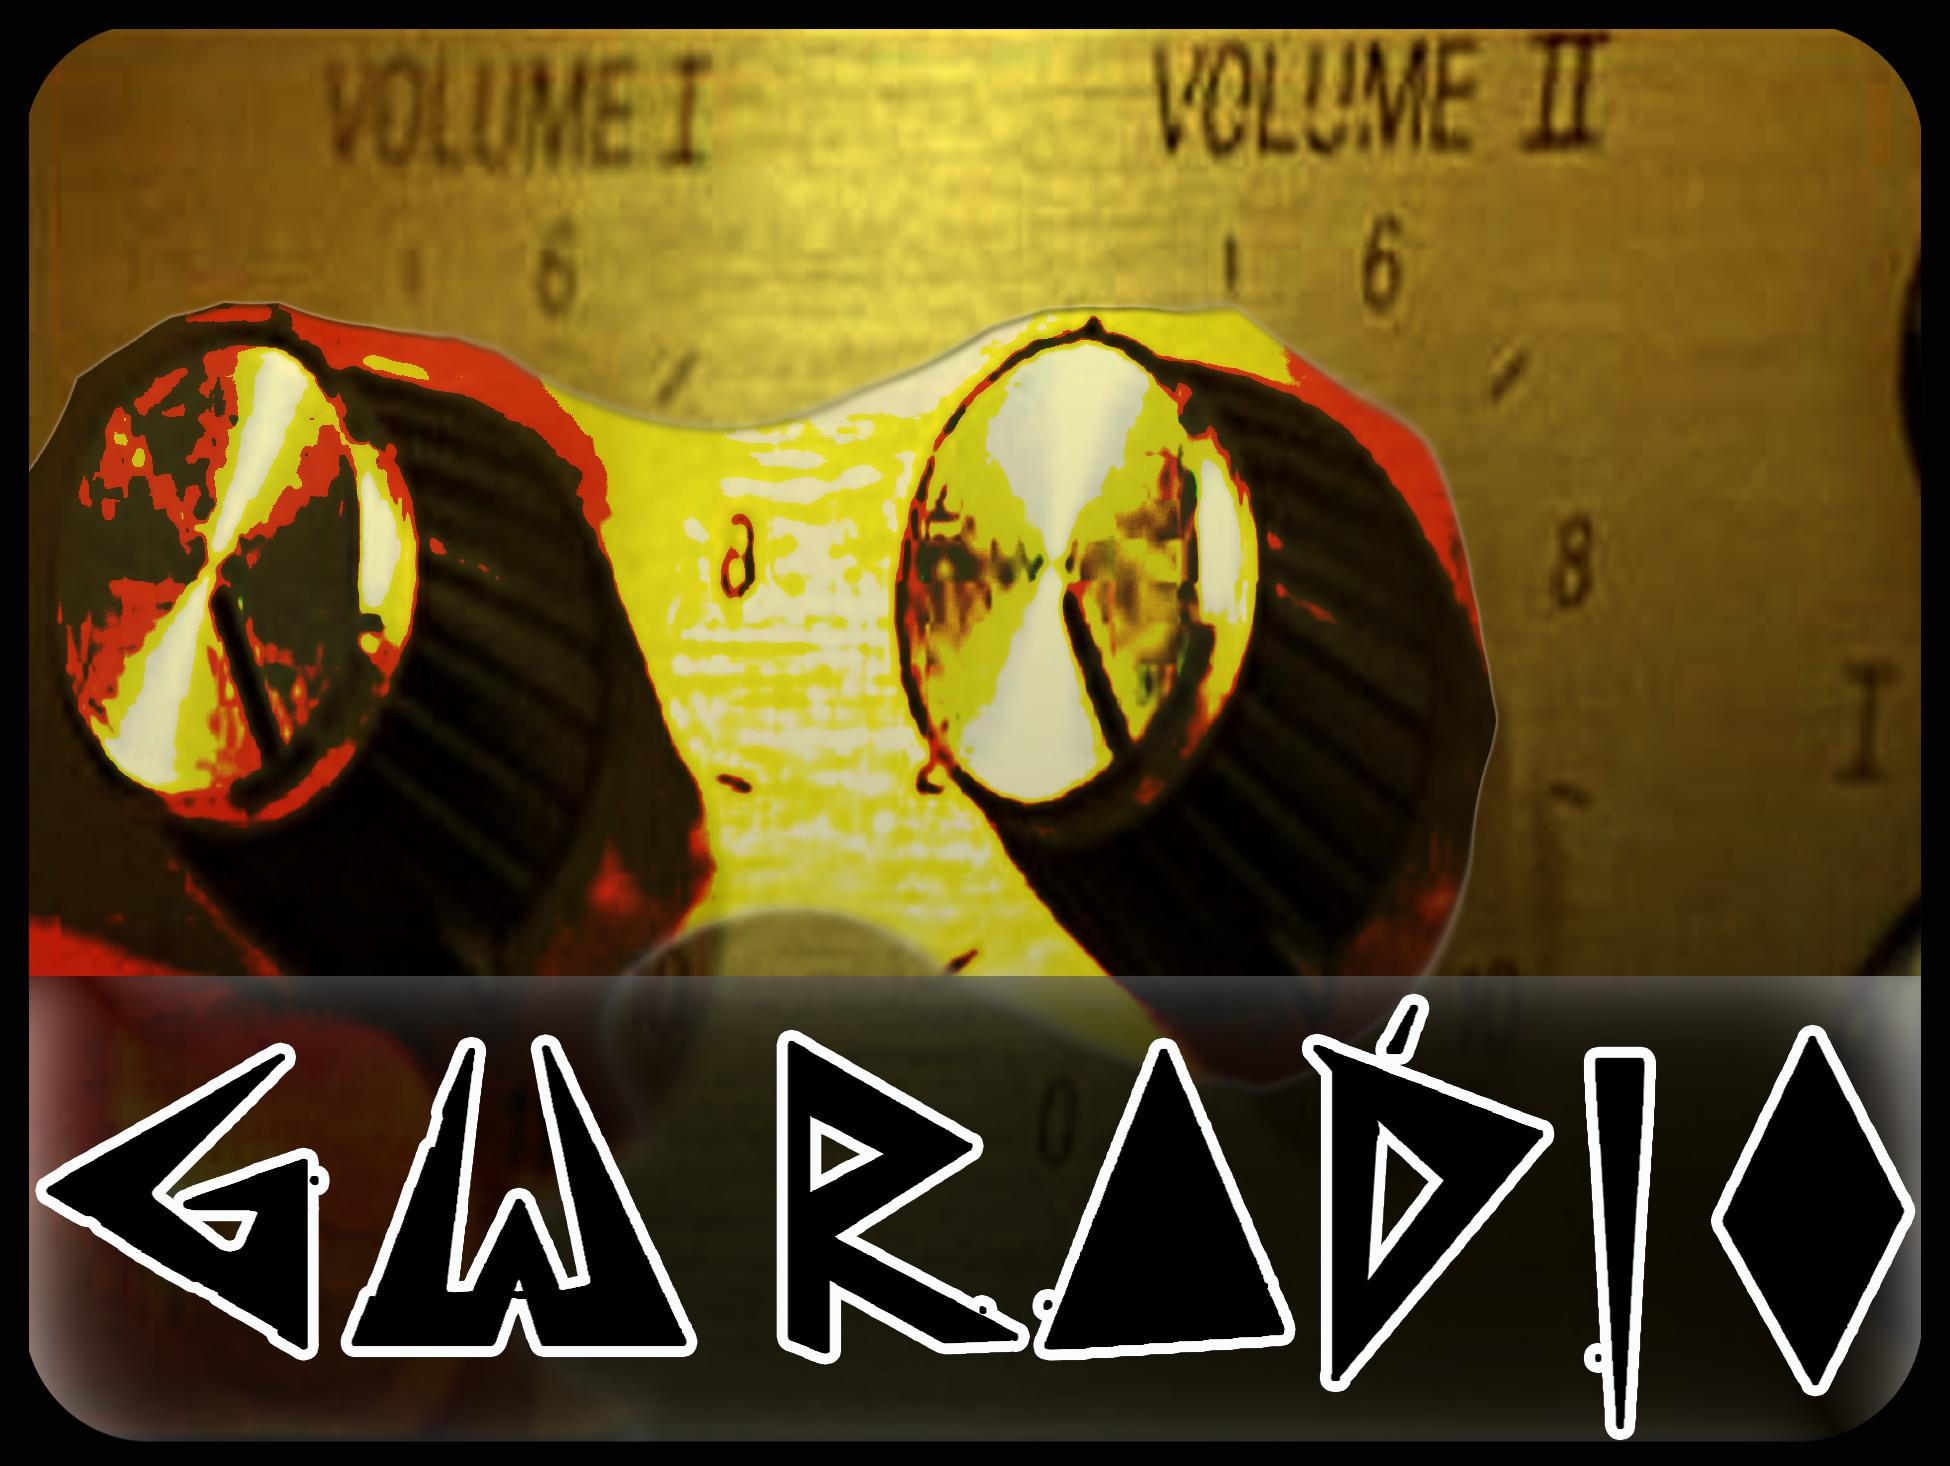 GW RADIO.jpg